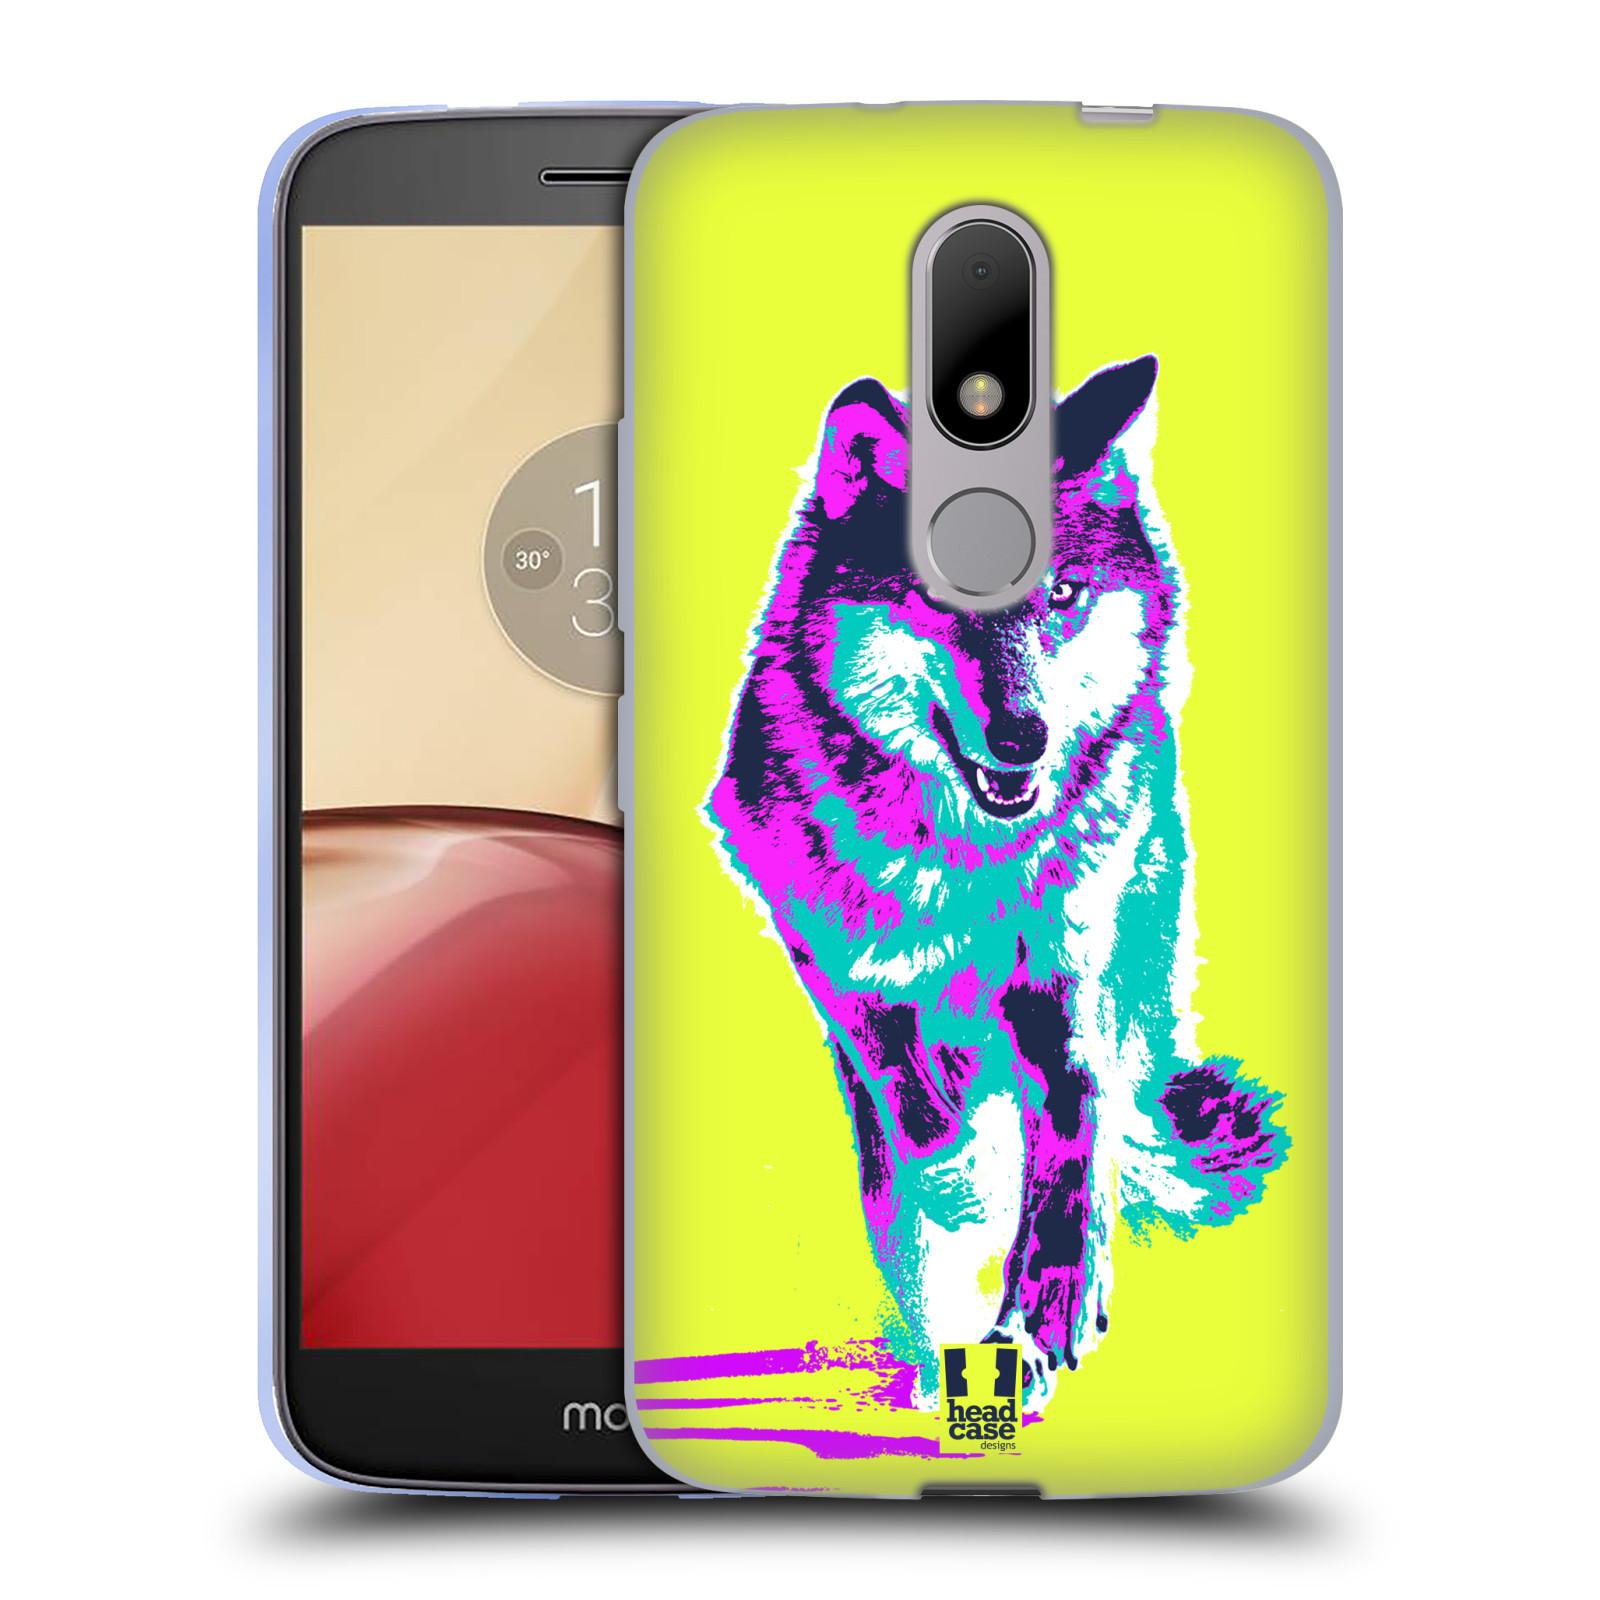 Silikonové pouzdro na mobil Lenovo Moto M - Head Case POP PRINT VLK (Silikonový kryt či obal na mobilní telefon Lenovo Moto M (Dual Sim))